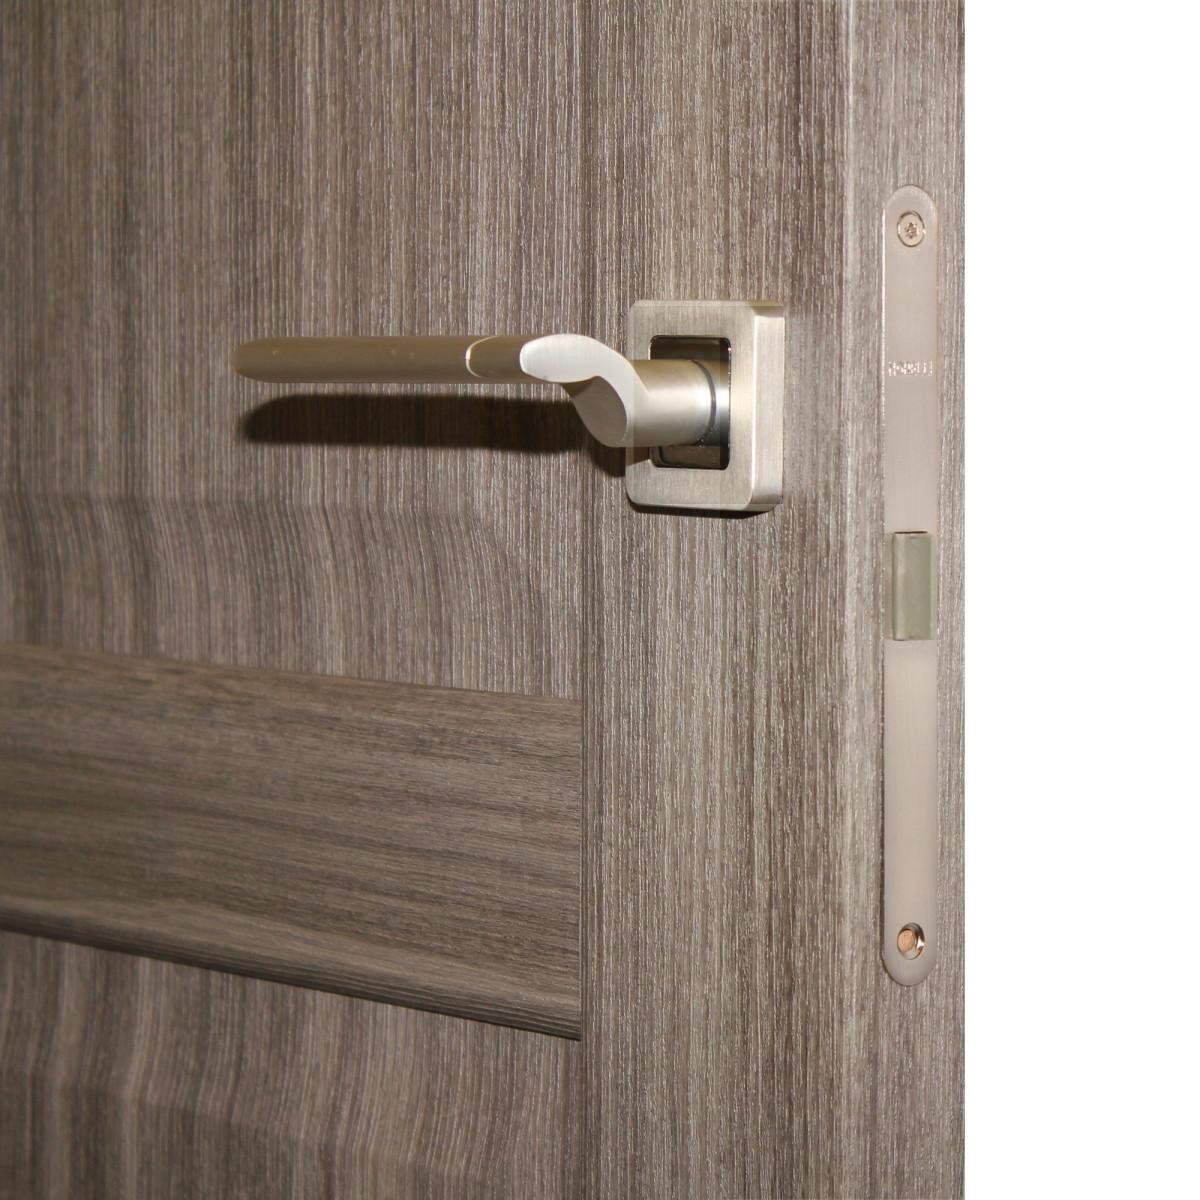 Дверь Межкомнатная Глухая Artens Мария 70x200 Цвет Серый Дуб